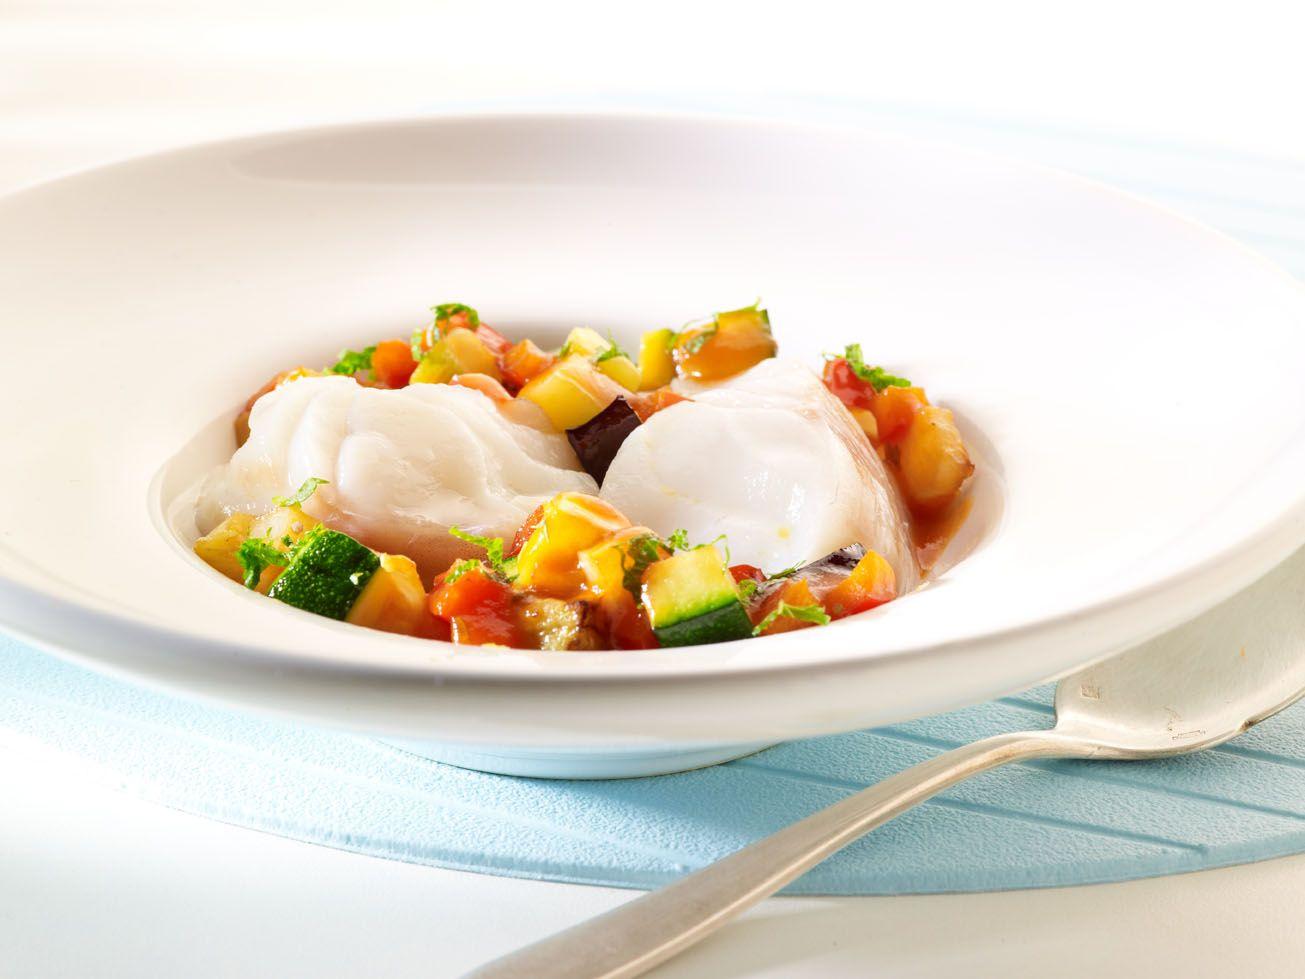 Recepten - Zeeduivel met een ratatouille van aubergine, courgette en paprika